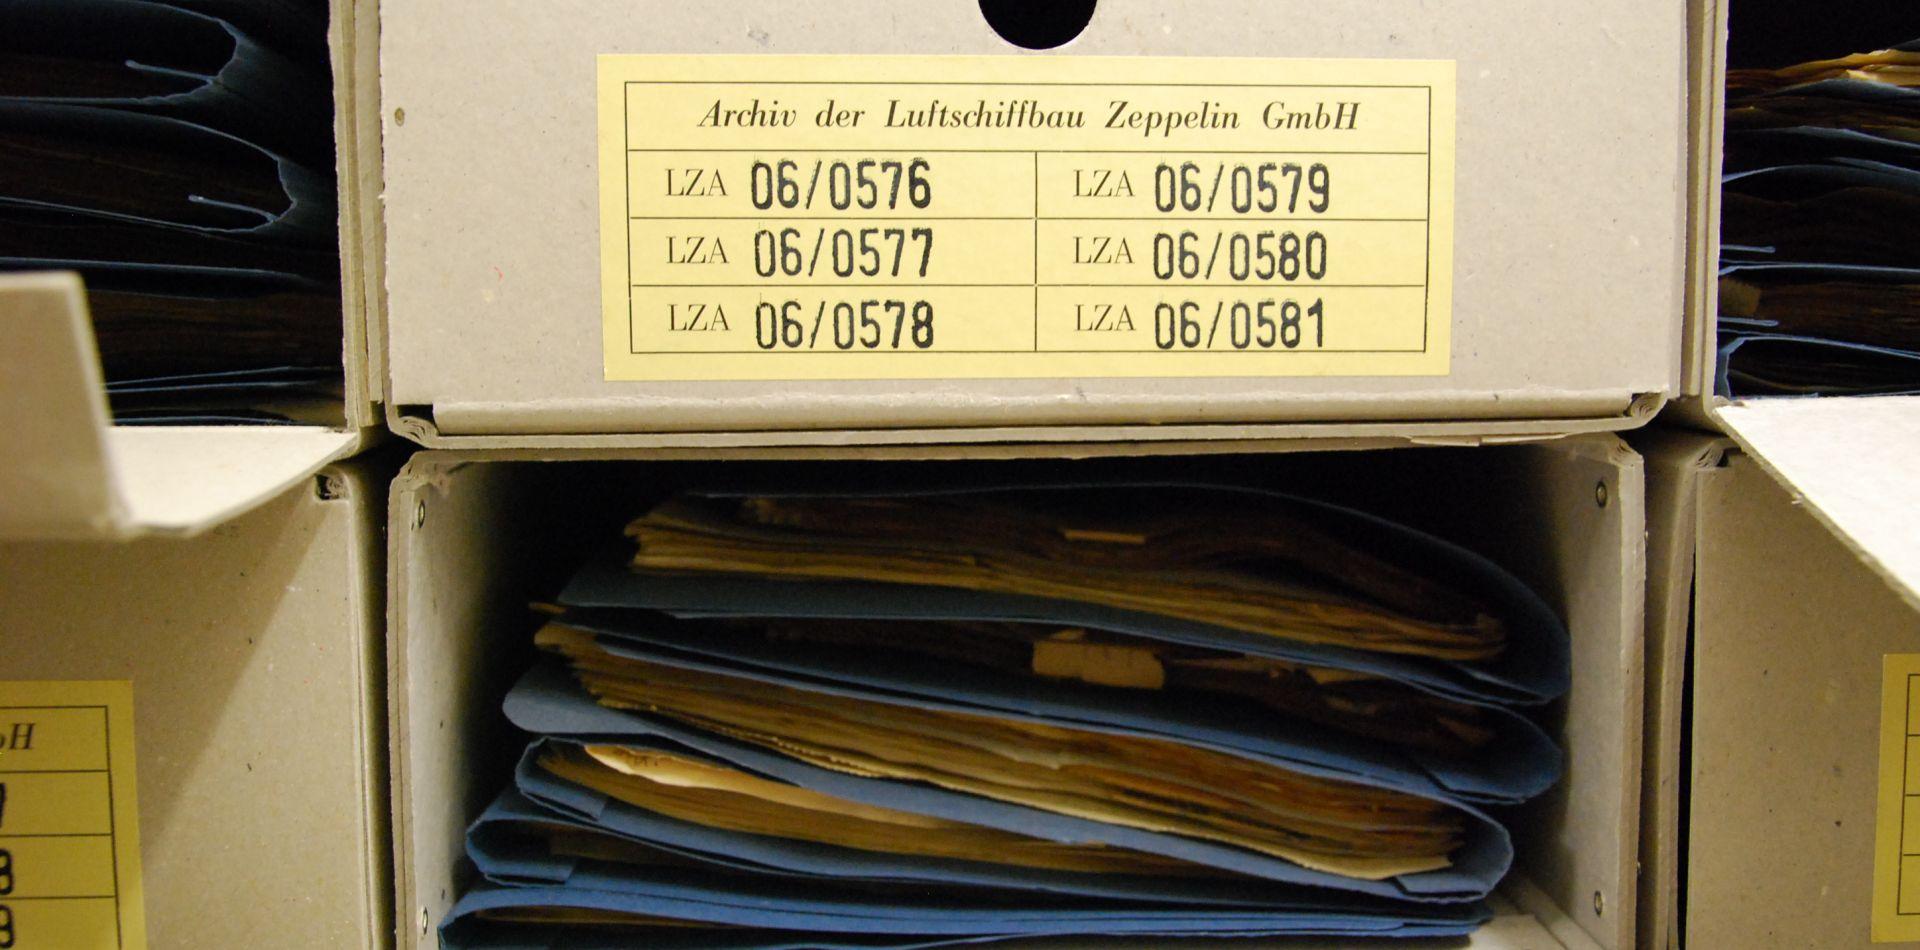 bibliothek friedrichshafen